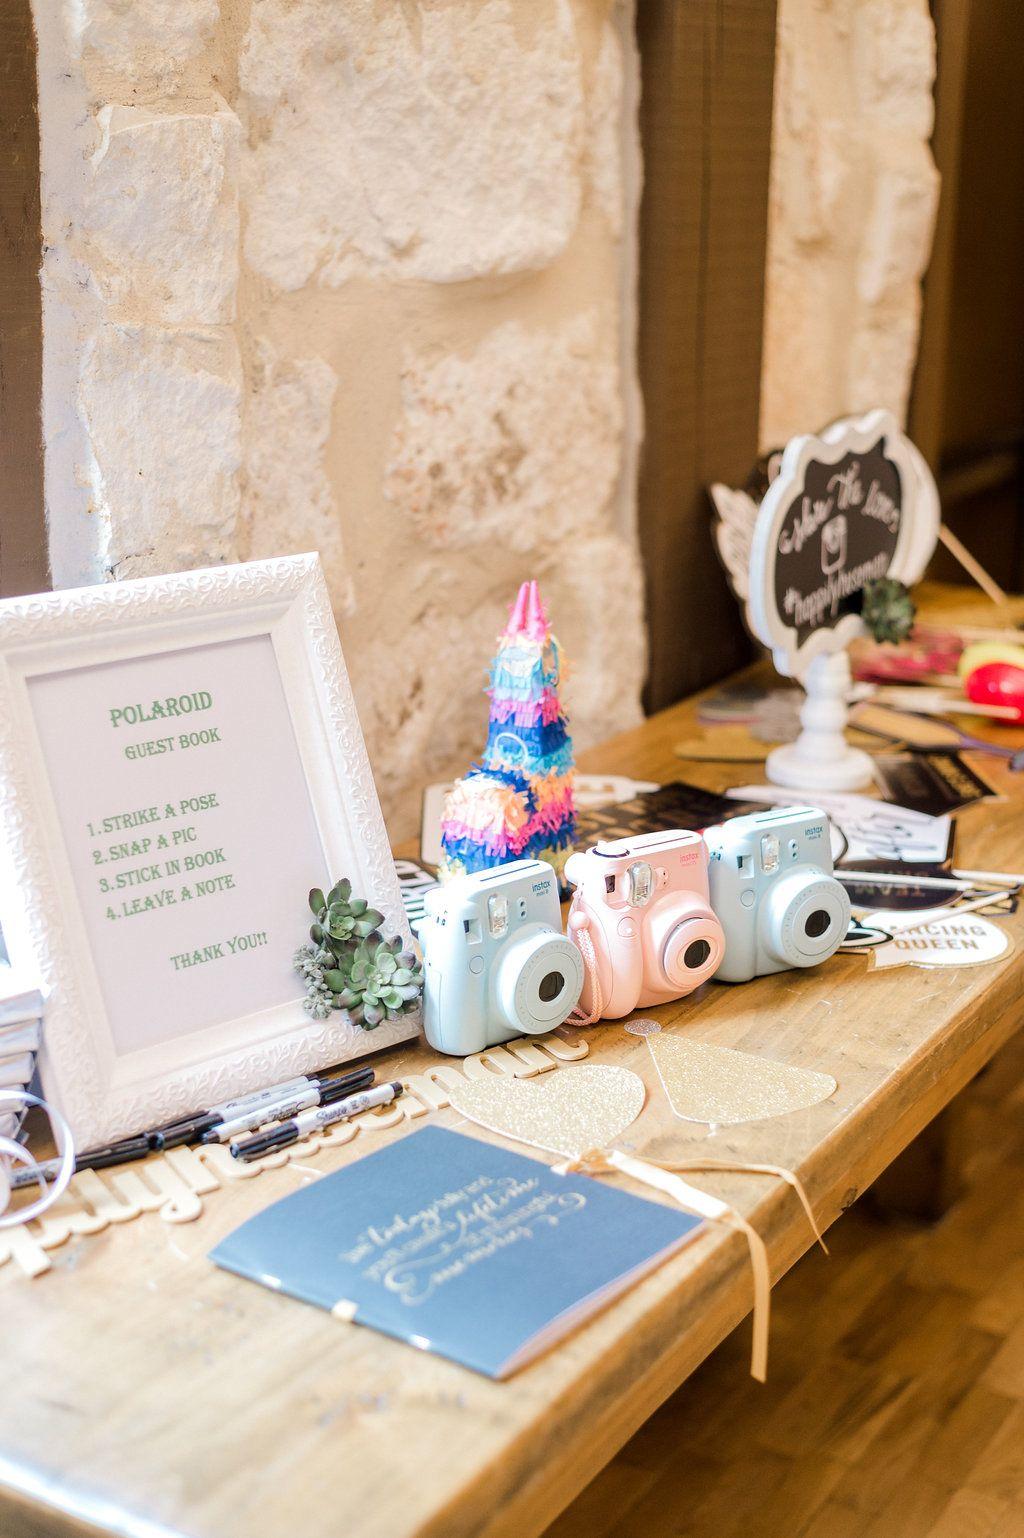 DIY polaroid guest book  wedding guest book ideas  DIY wedding